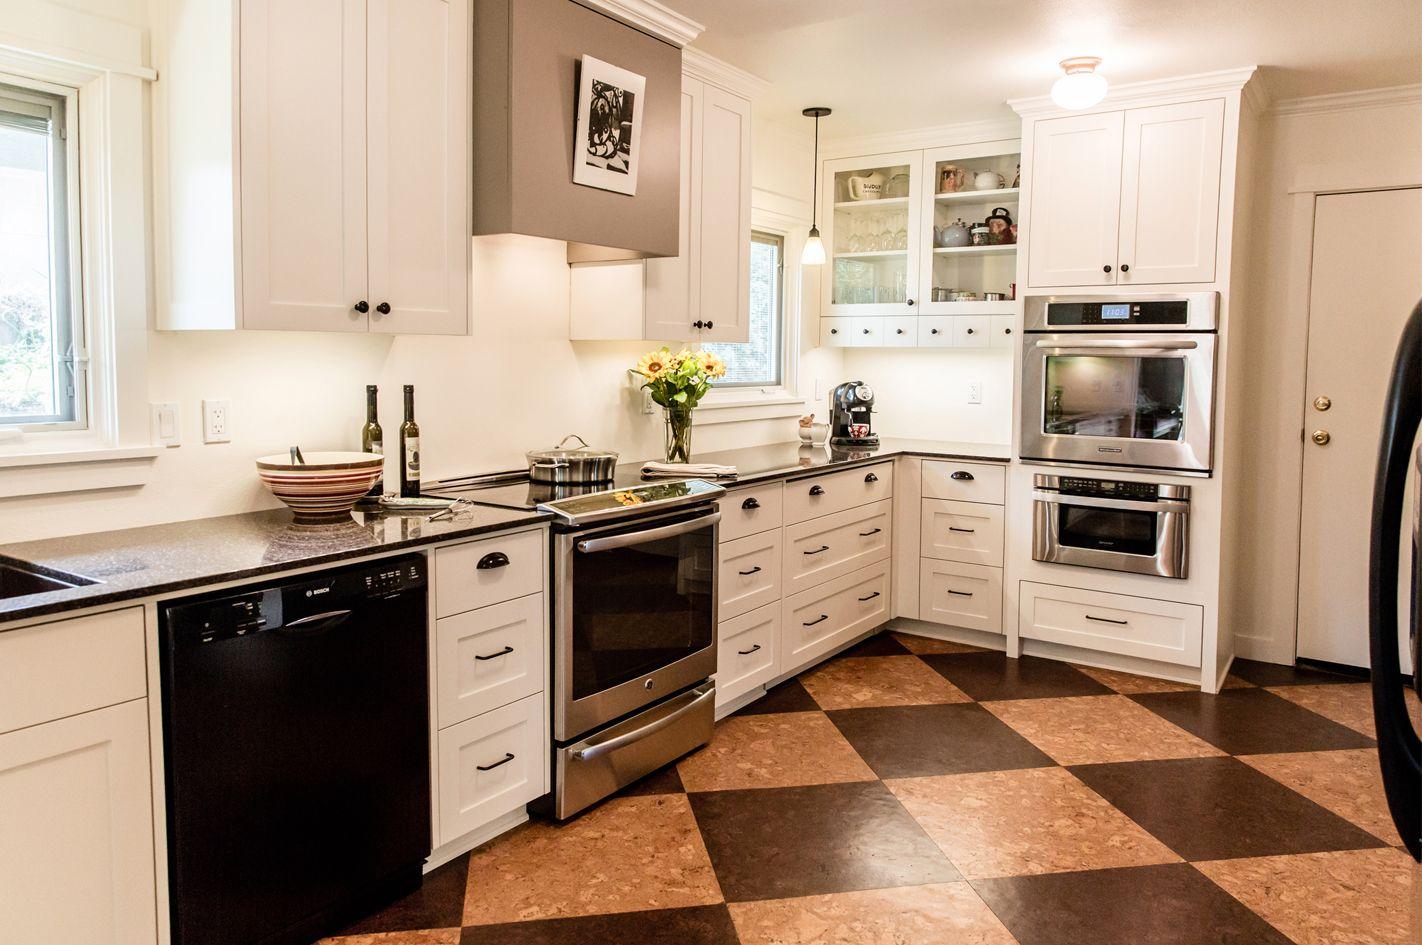 4 Best Kid Friendly Kitchen Flooring Options Kitchen Flooring